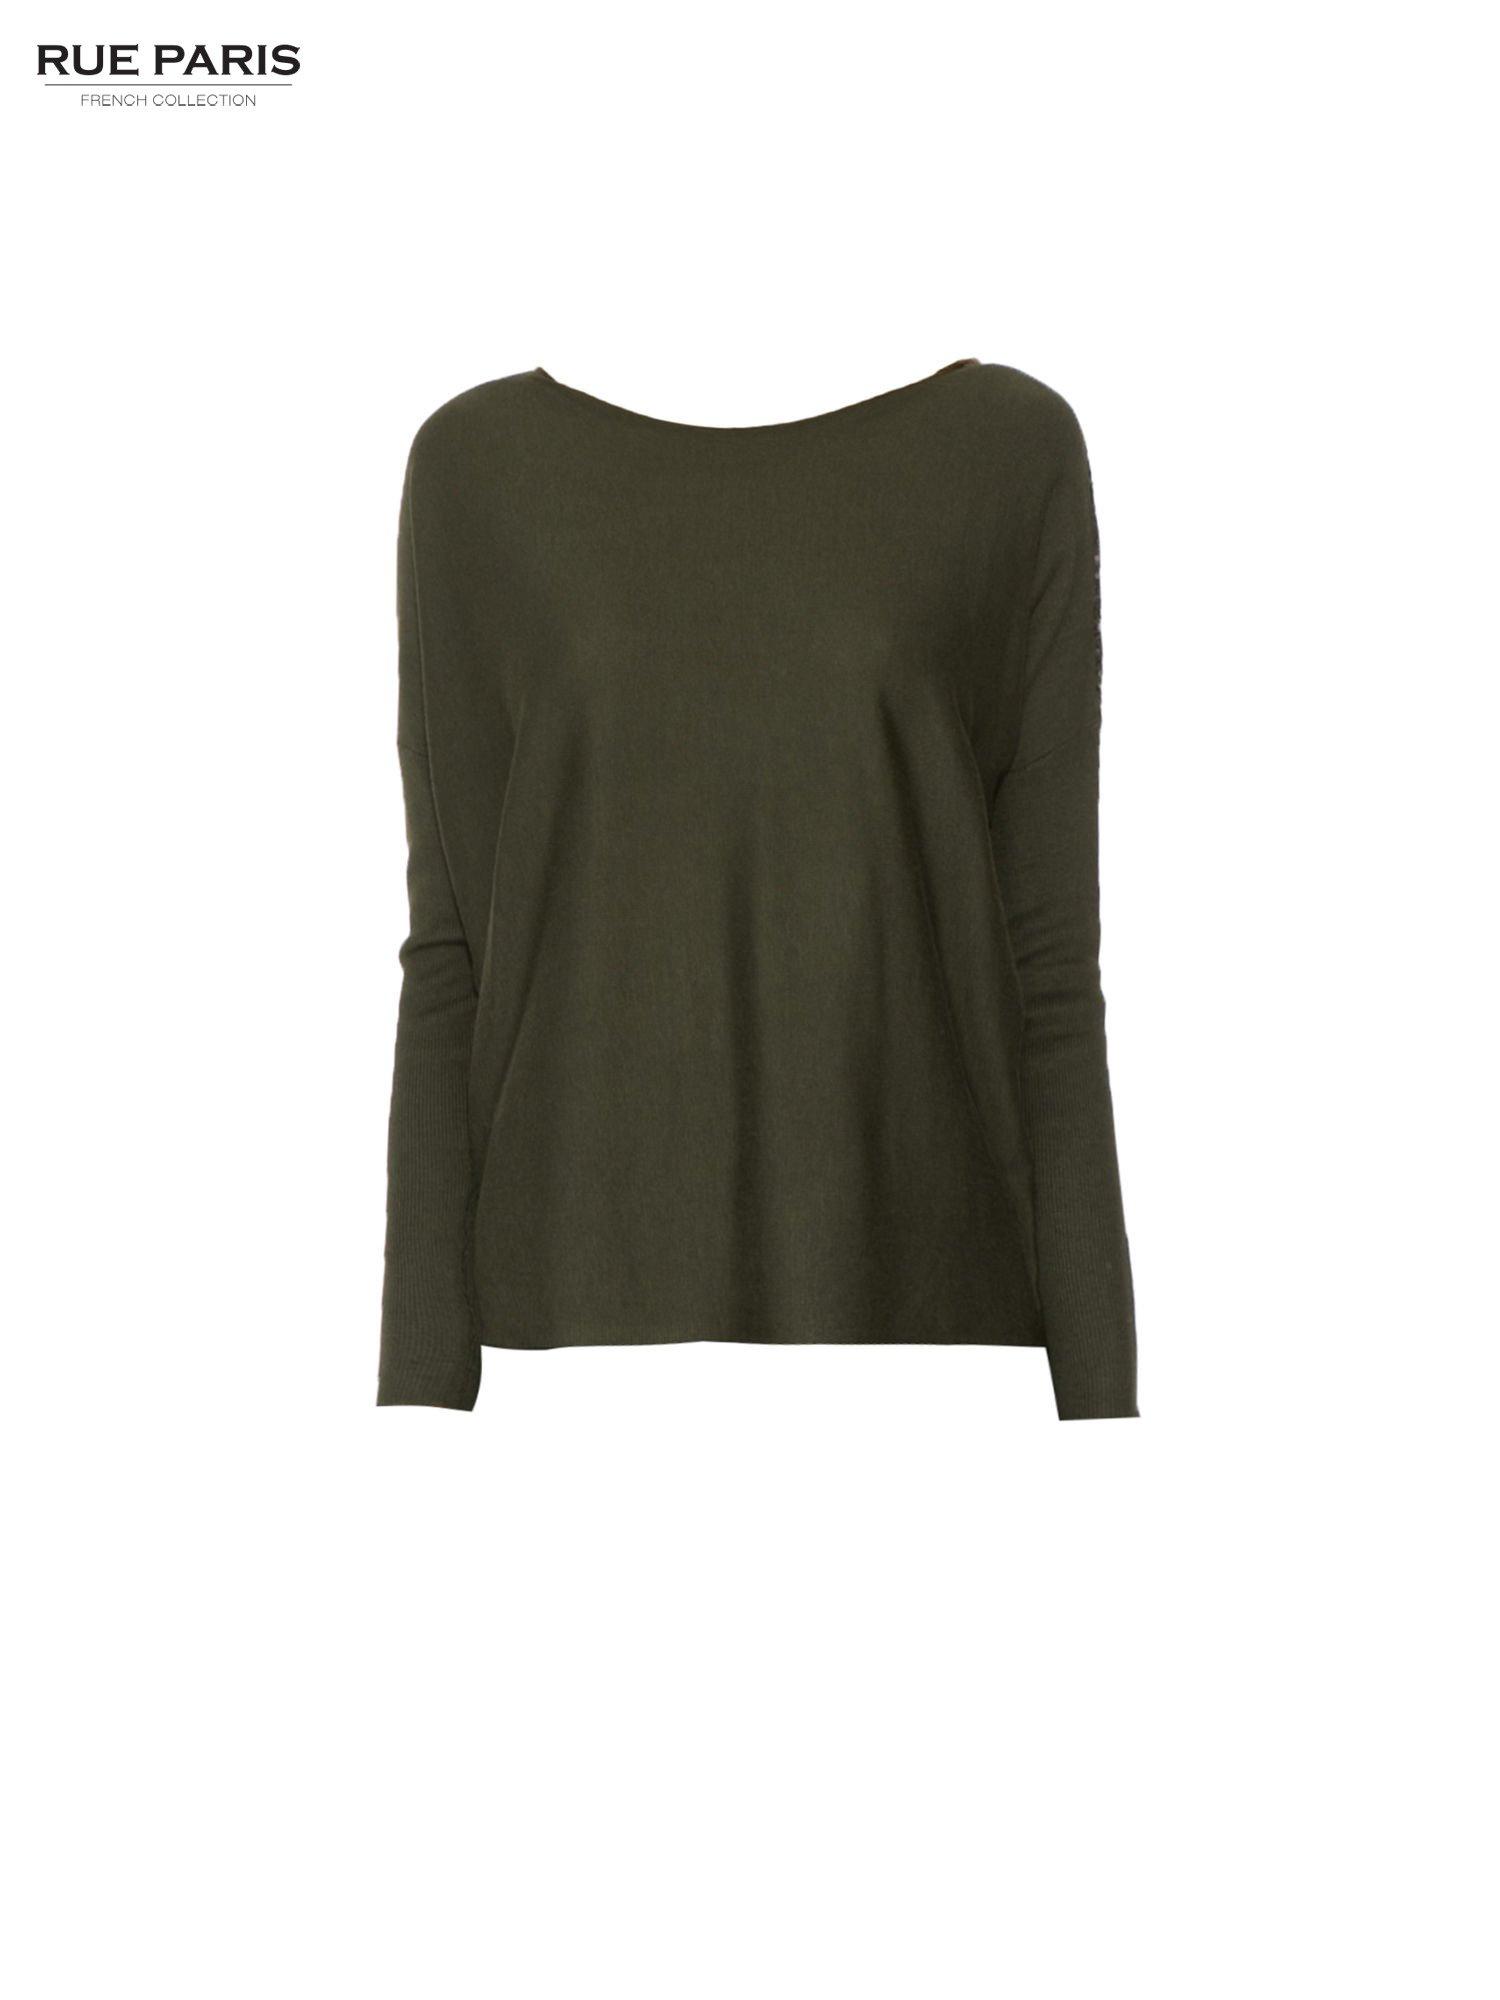 Oliwkowy sweter o nietoperzowym kroju z cekinową aplikacją na rękawach                                  zdj.                                  5